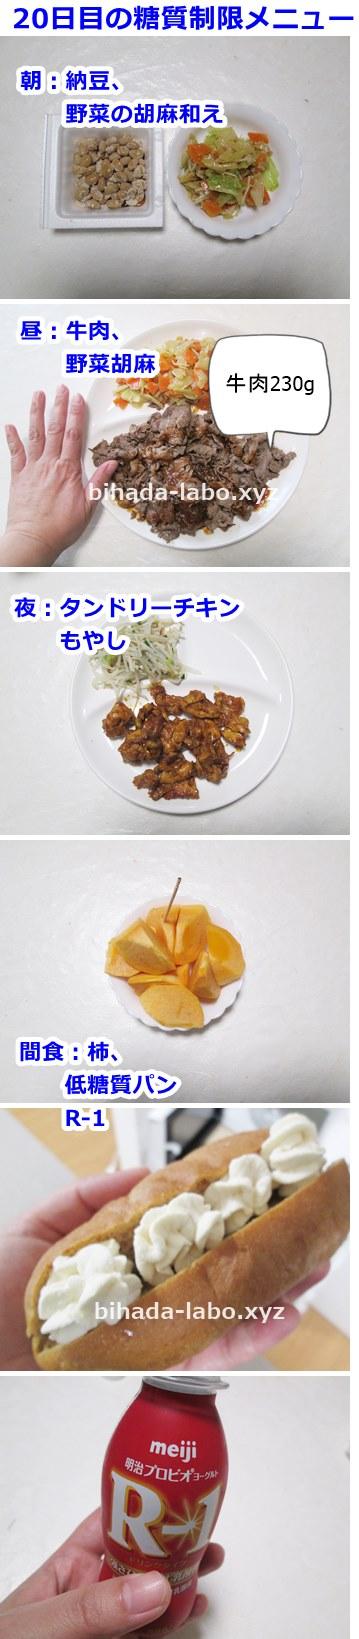 bi-food20